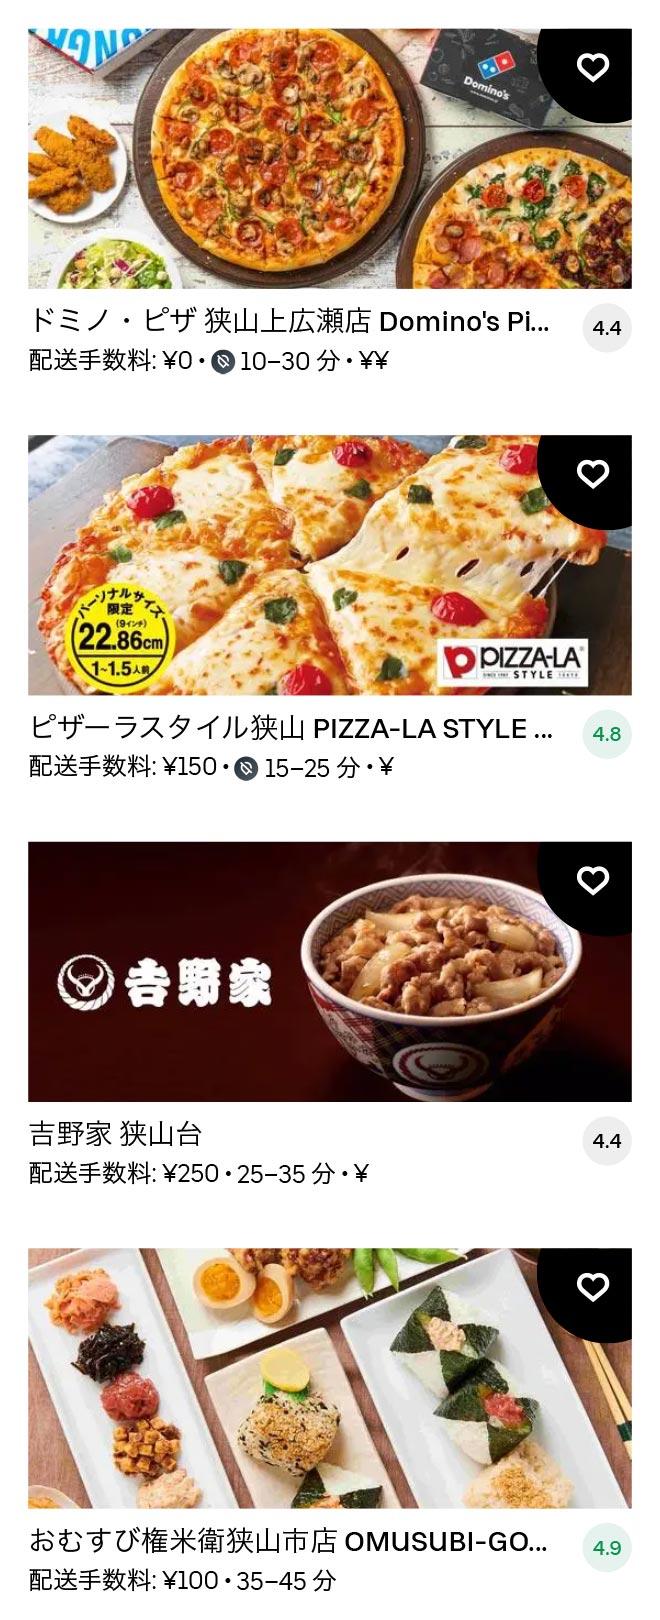 Sayama menu 2102 03